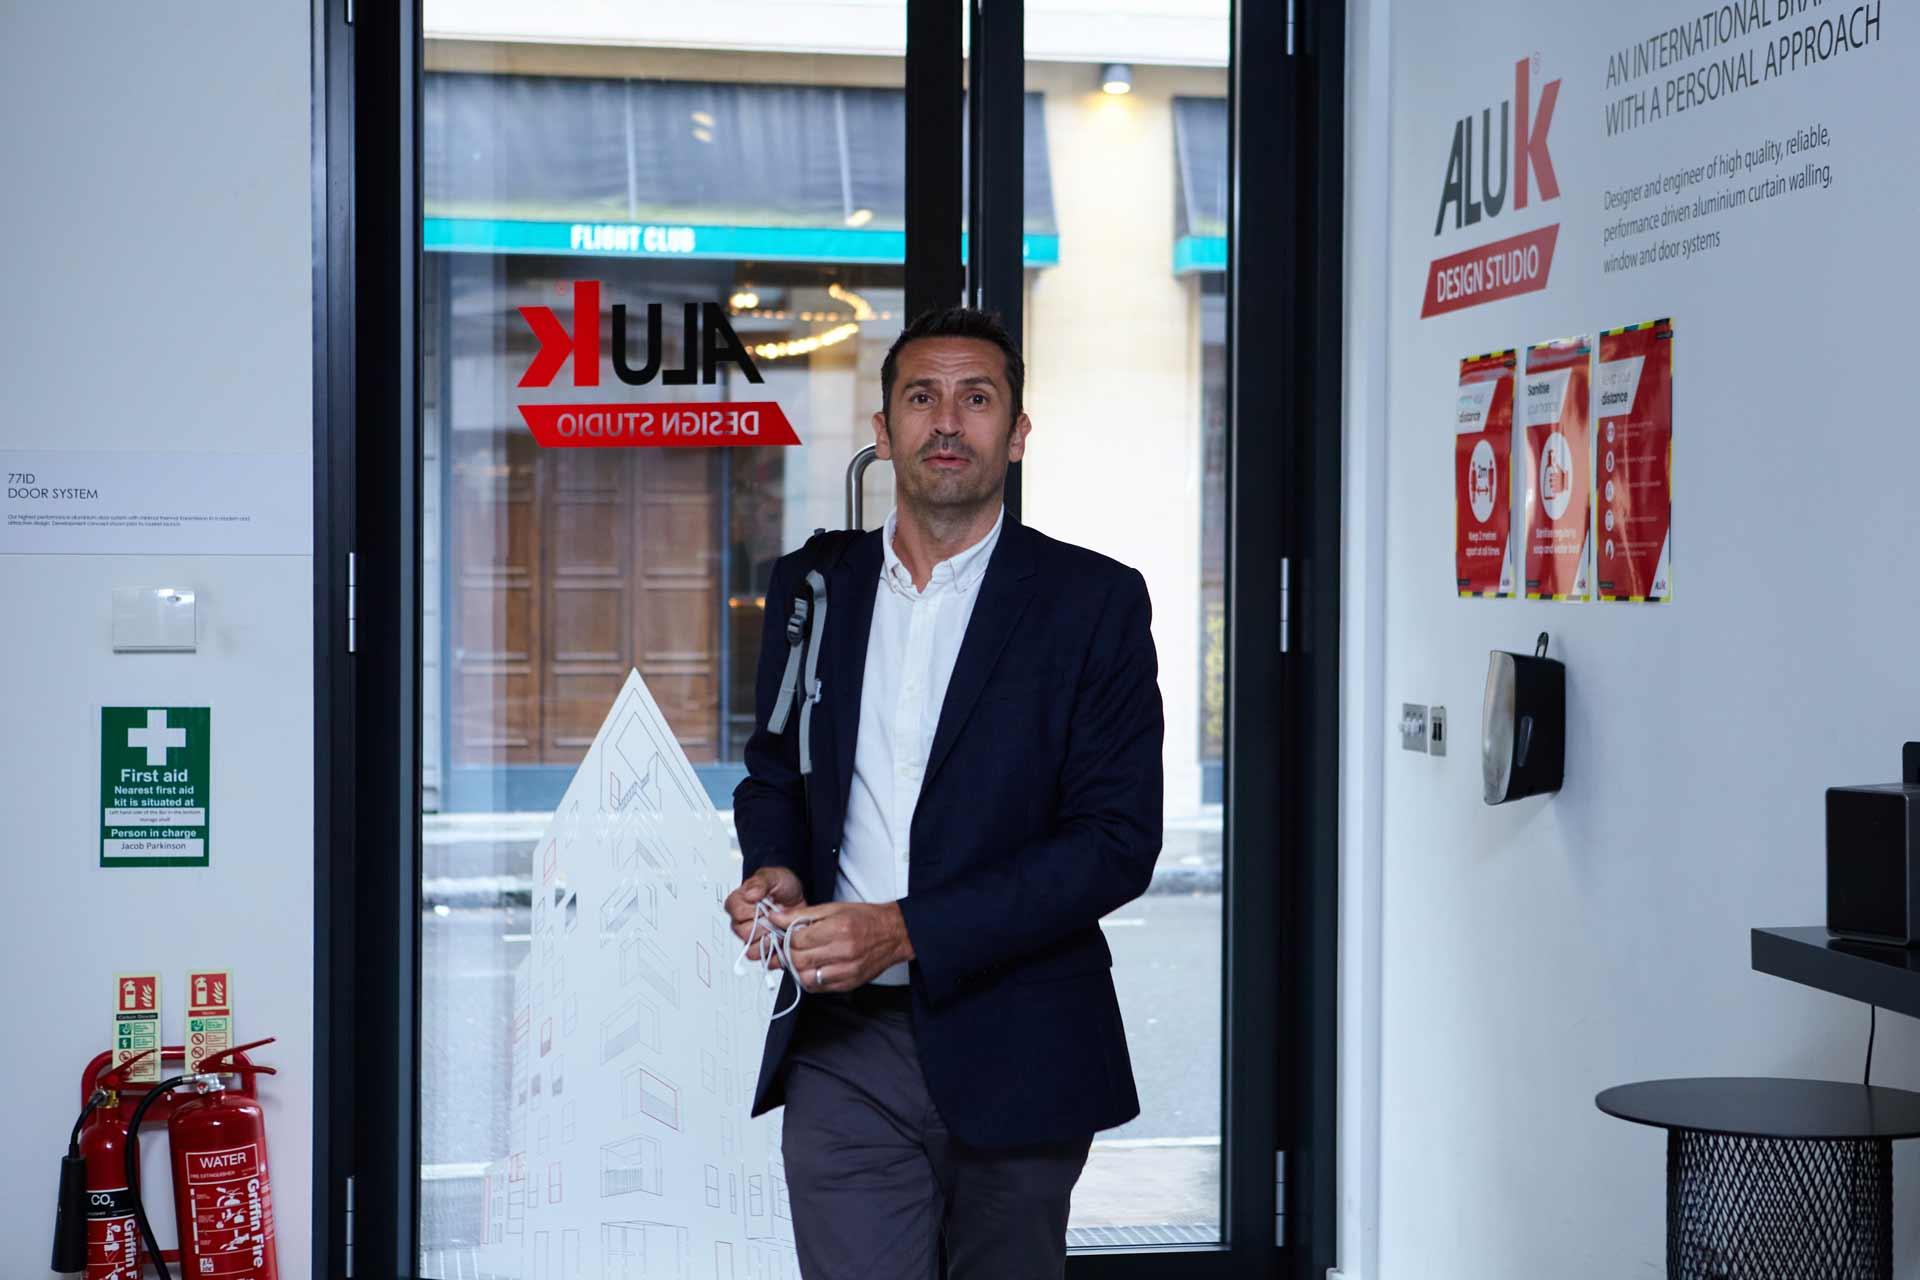 A professional entering the AluK Design Studio